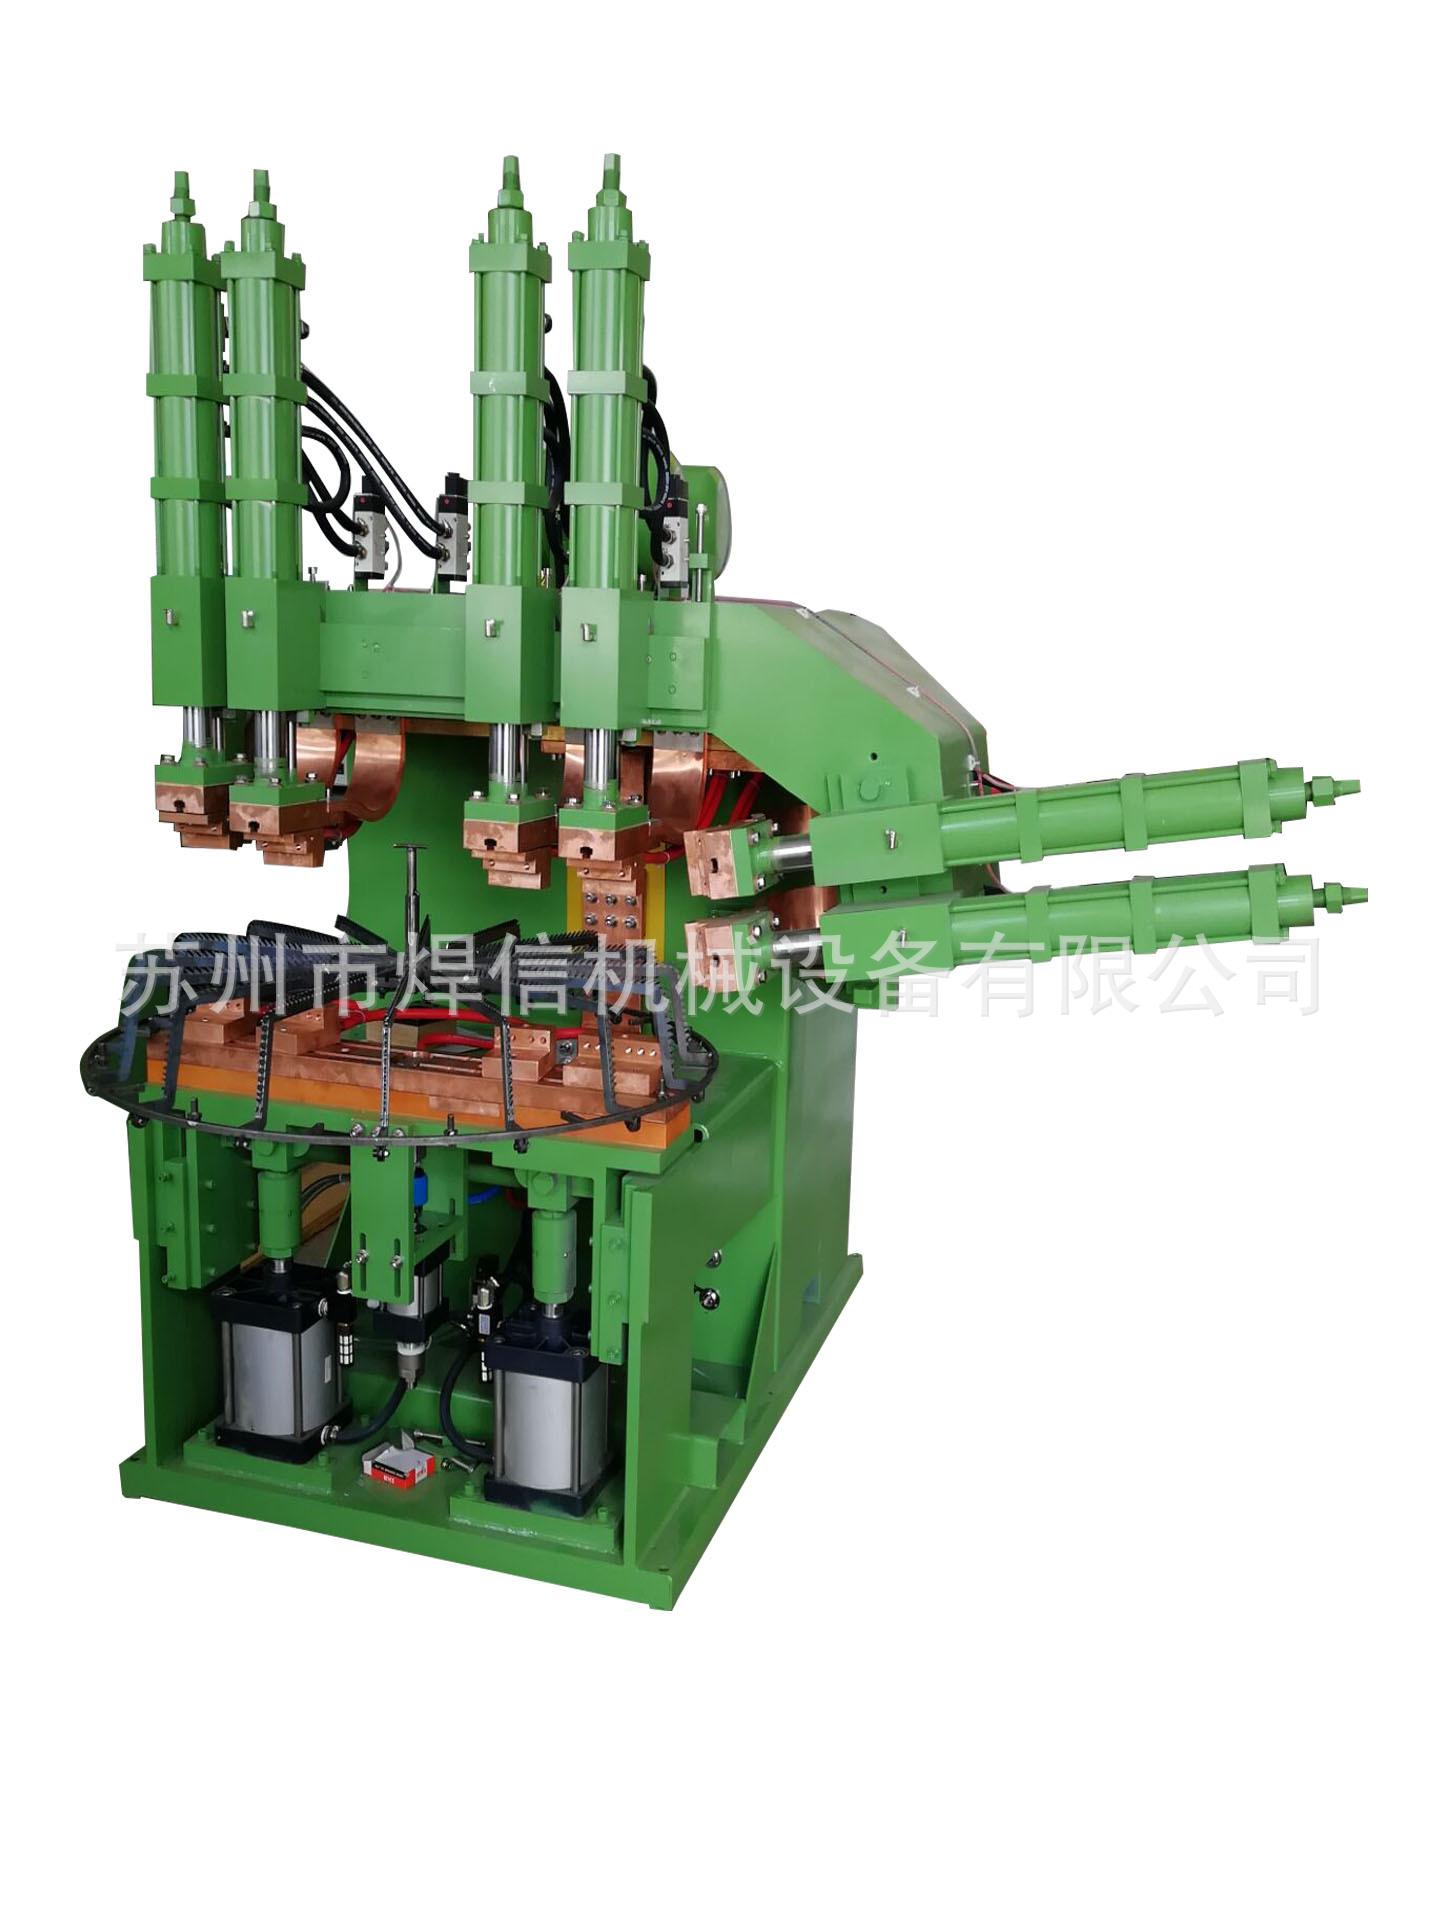 焊信风机网罩成套设备自动排焊机厂家直销多头排焊机网片排焊机 大型风机网罩成套设备自动排焊机